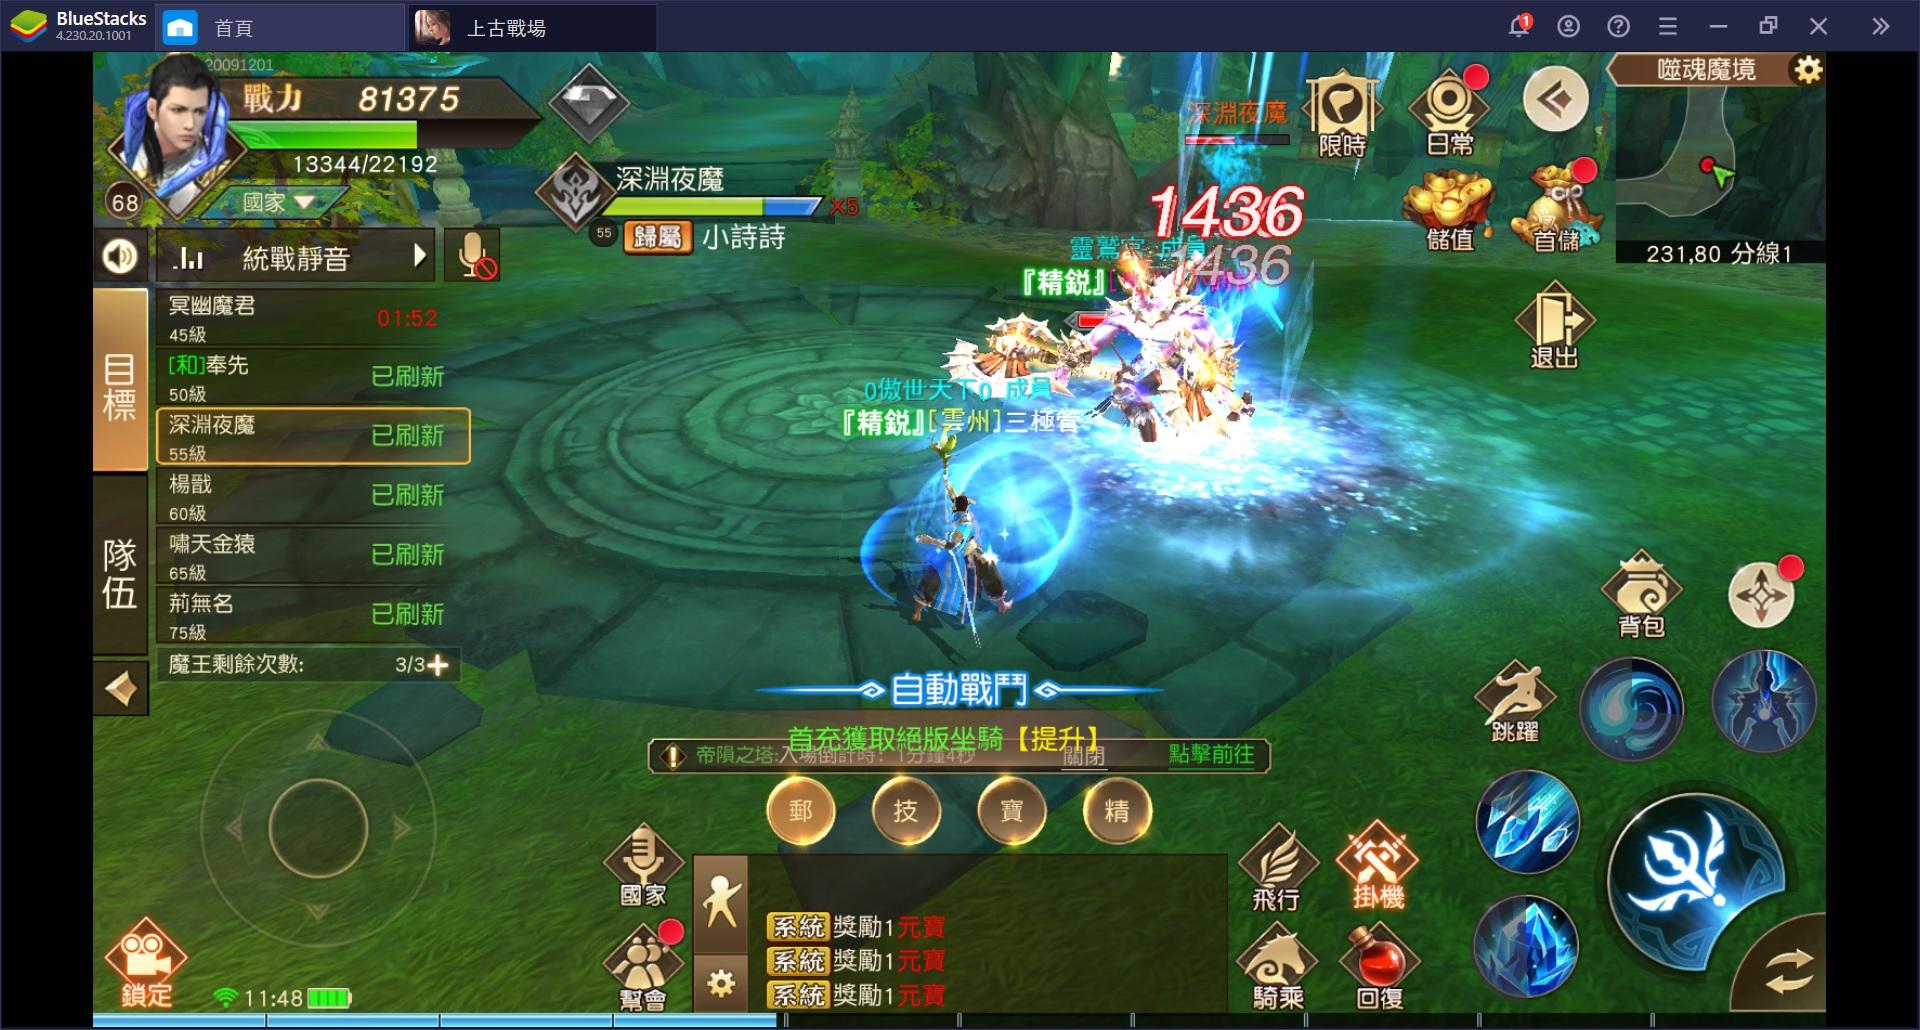 使用BlueStacks在PC上體驗大型 MMO 國戰手機遊戲《上古戰場》